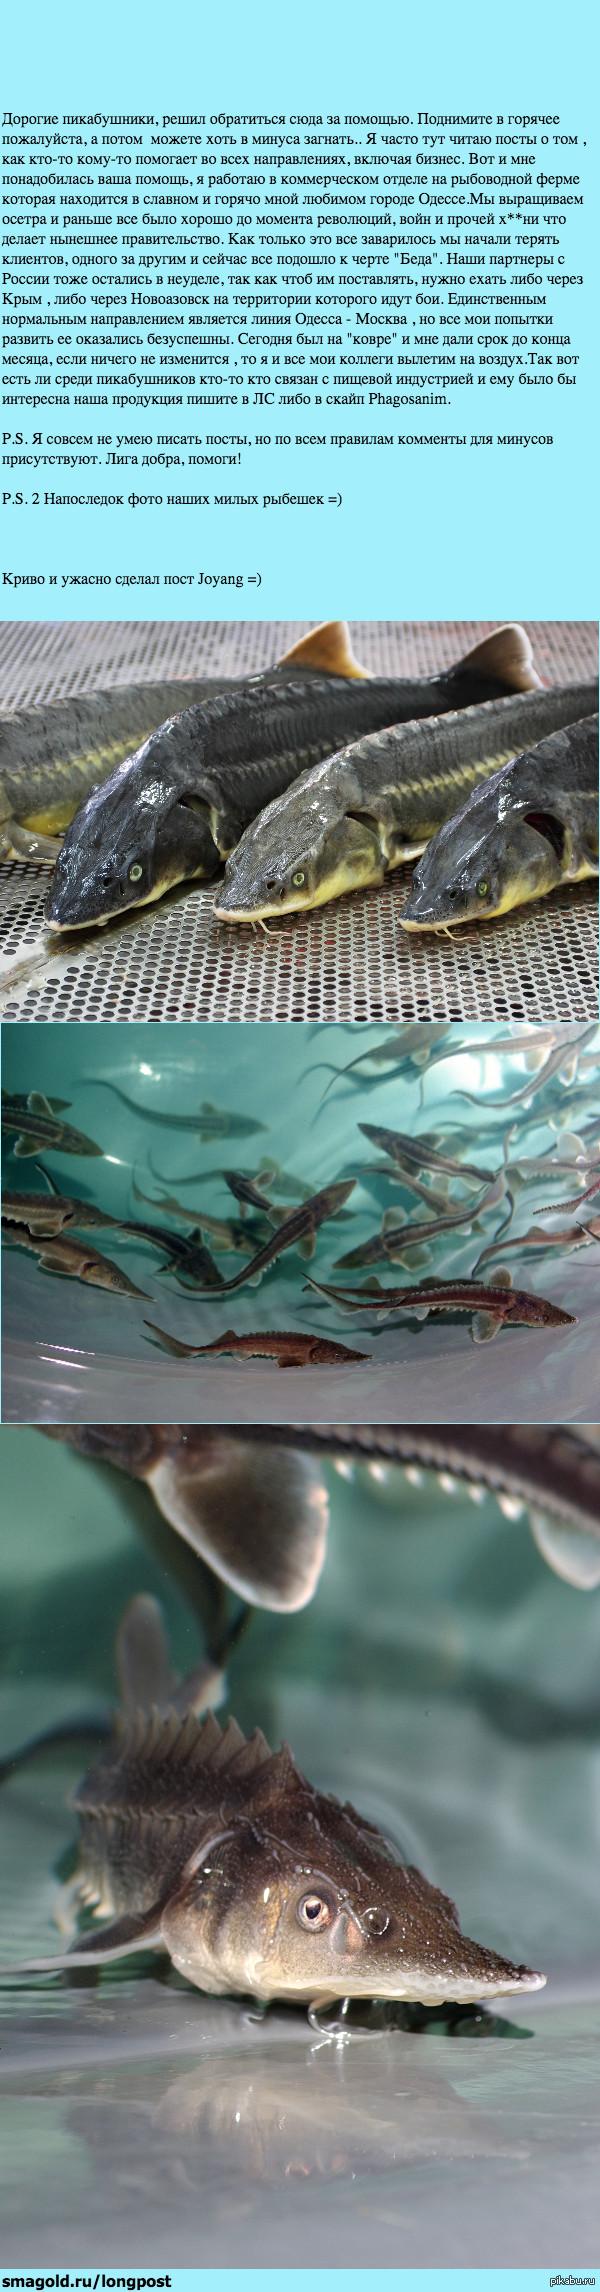 Длиннопост о рыбке и суровых буднях коммерции.